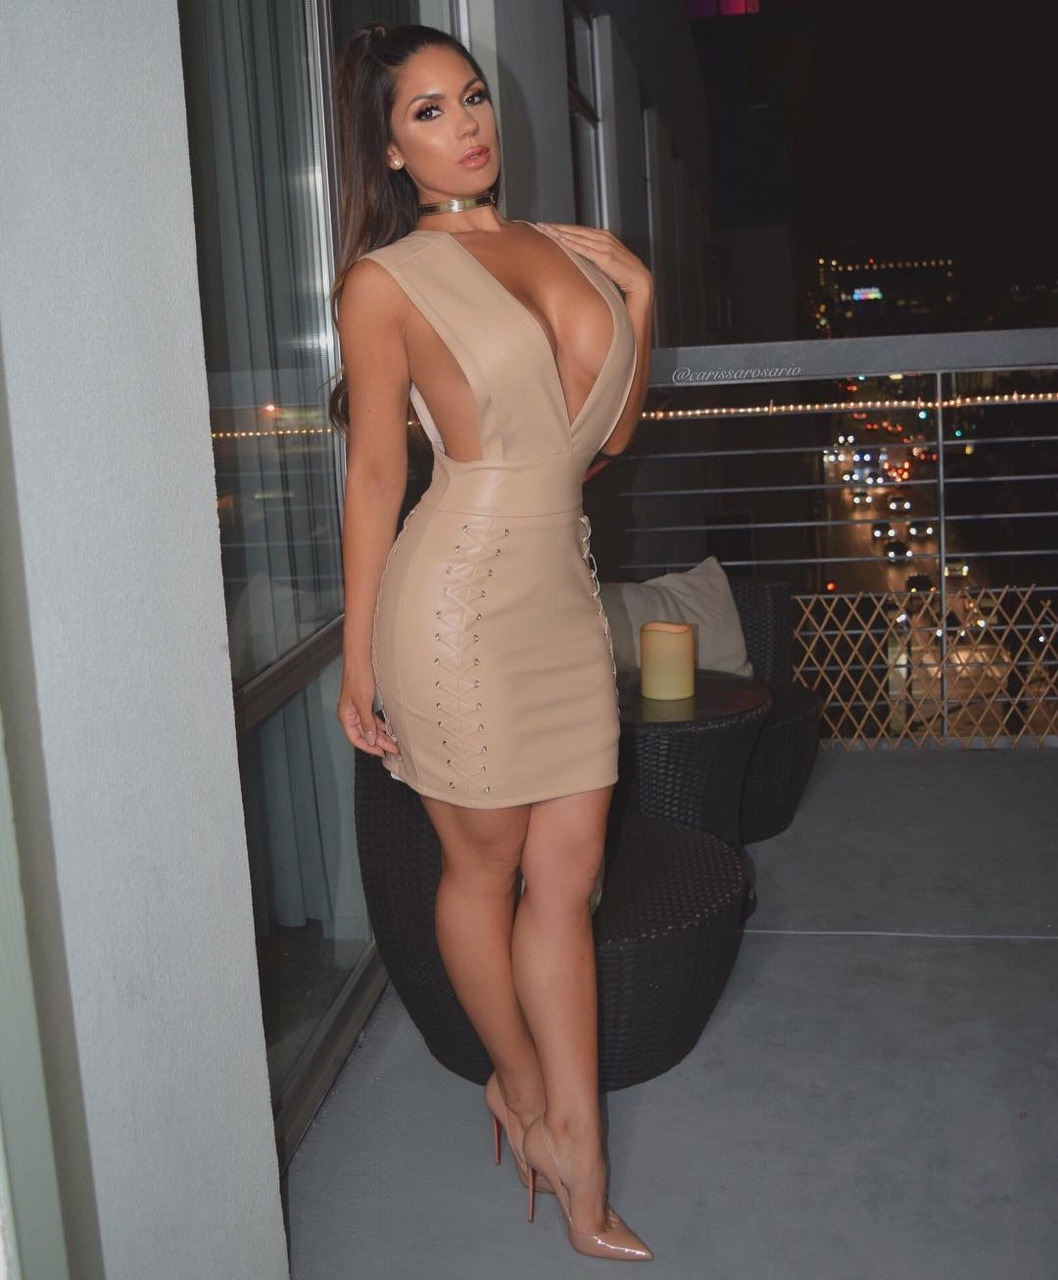 【海外エロ画像】1枚脱げば即ヤれる状態w基本ノーブラなドレス姿の海外セレブwww 10